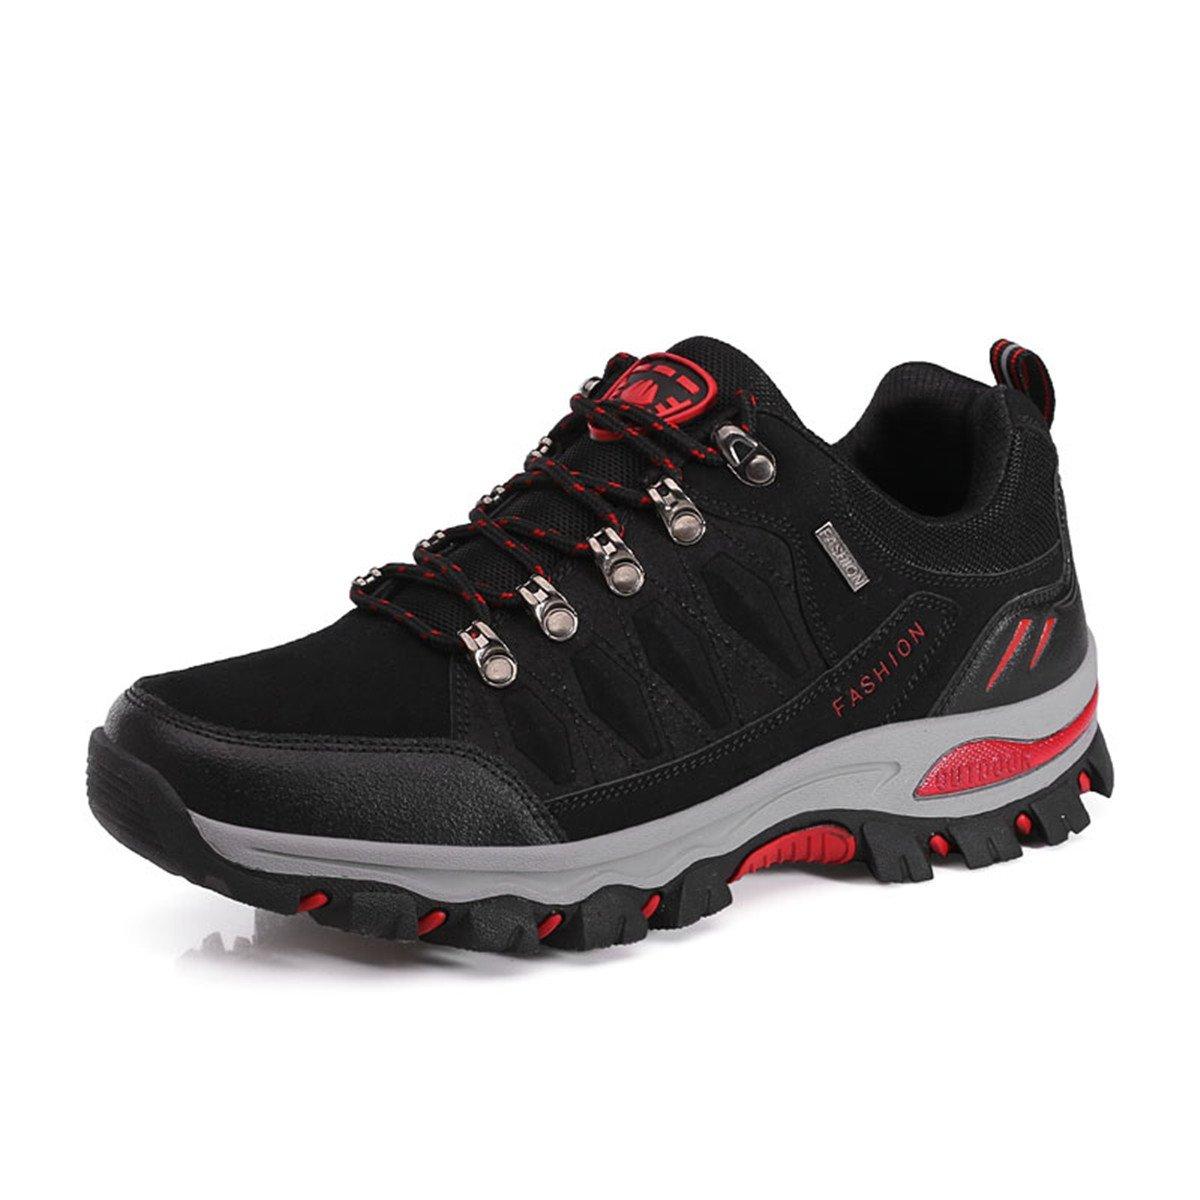 LSGEGO Unisexe Chaussures de randonnée en Plein air Bottes de randonnée Voyages...